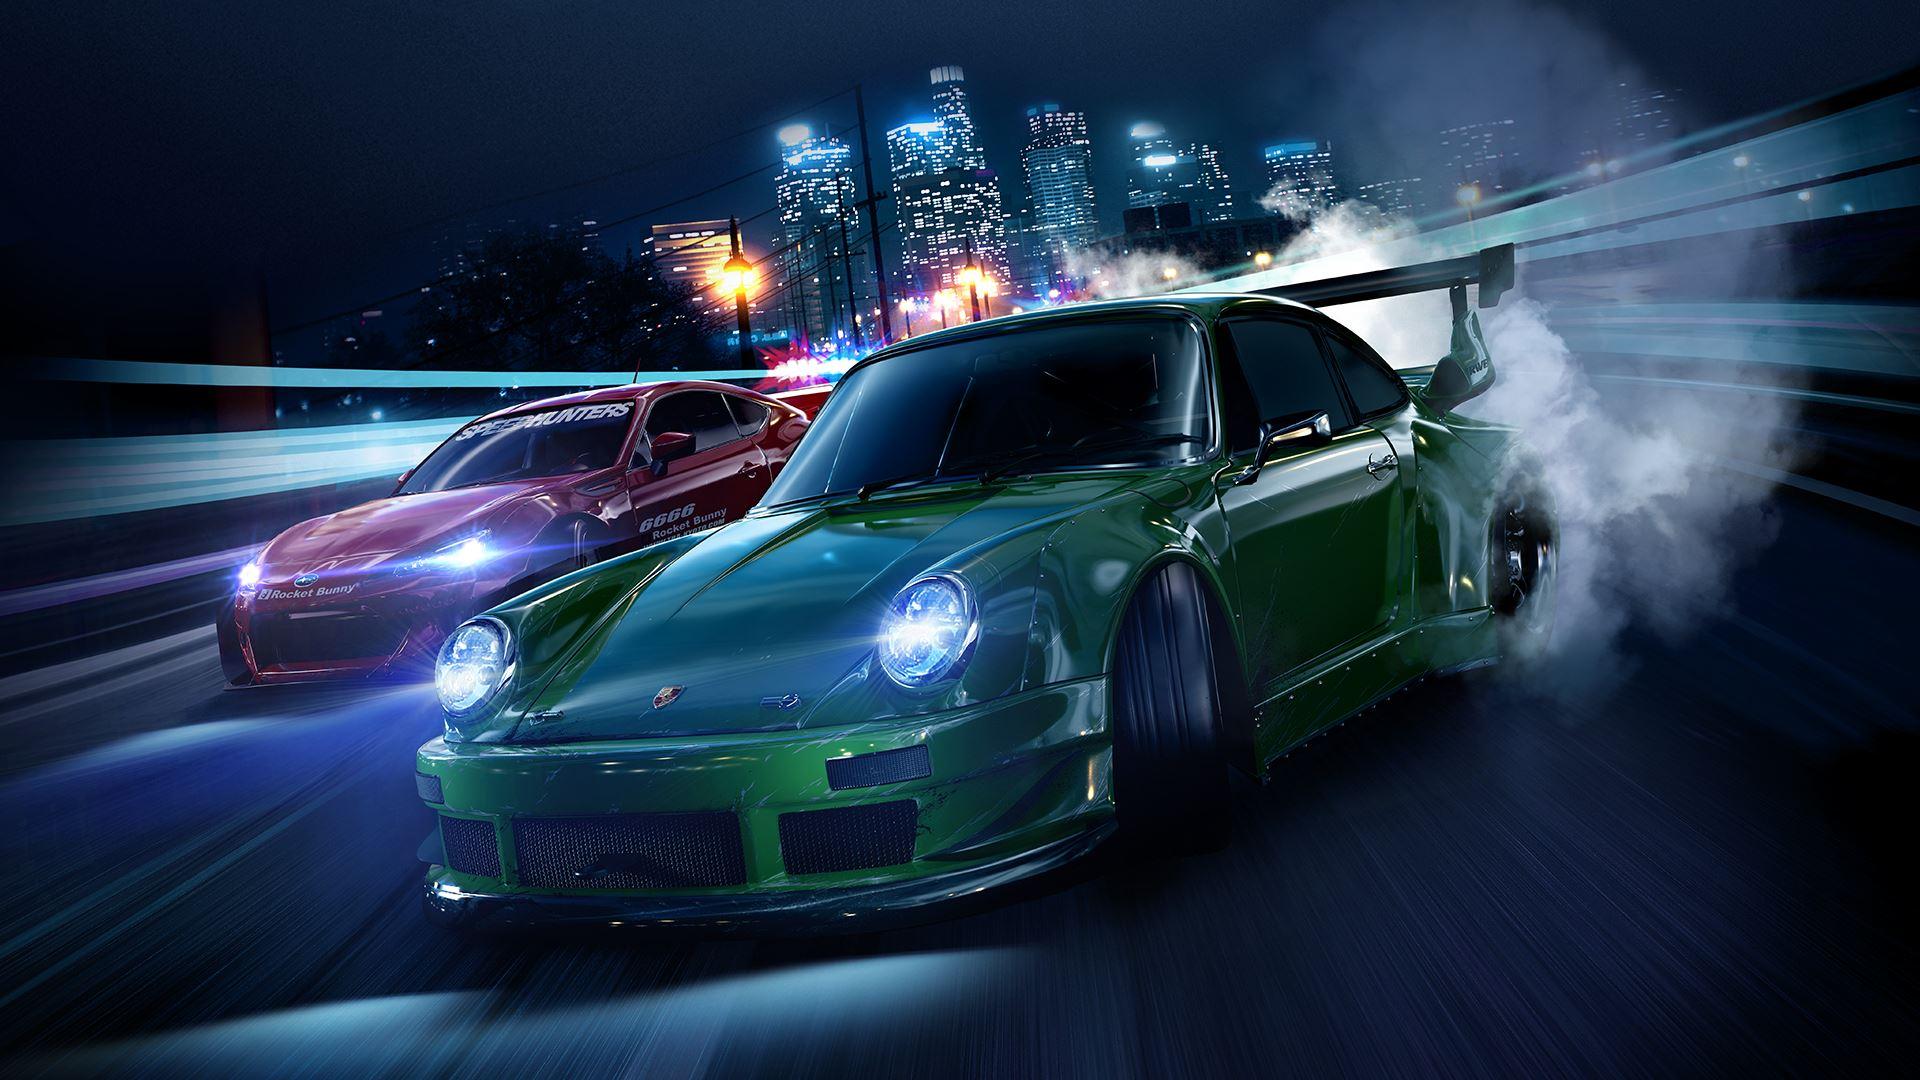 Novi Need for Speed dogodine